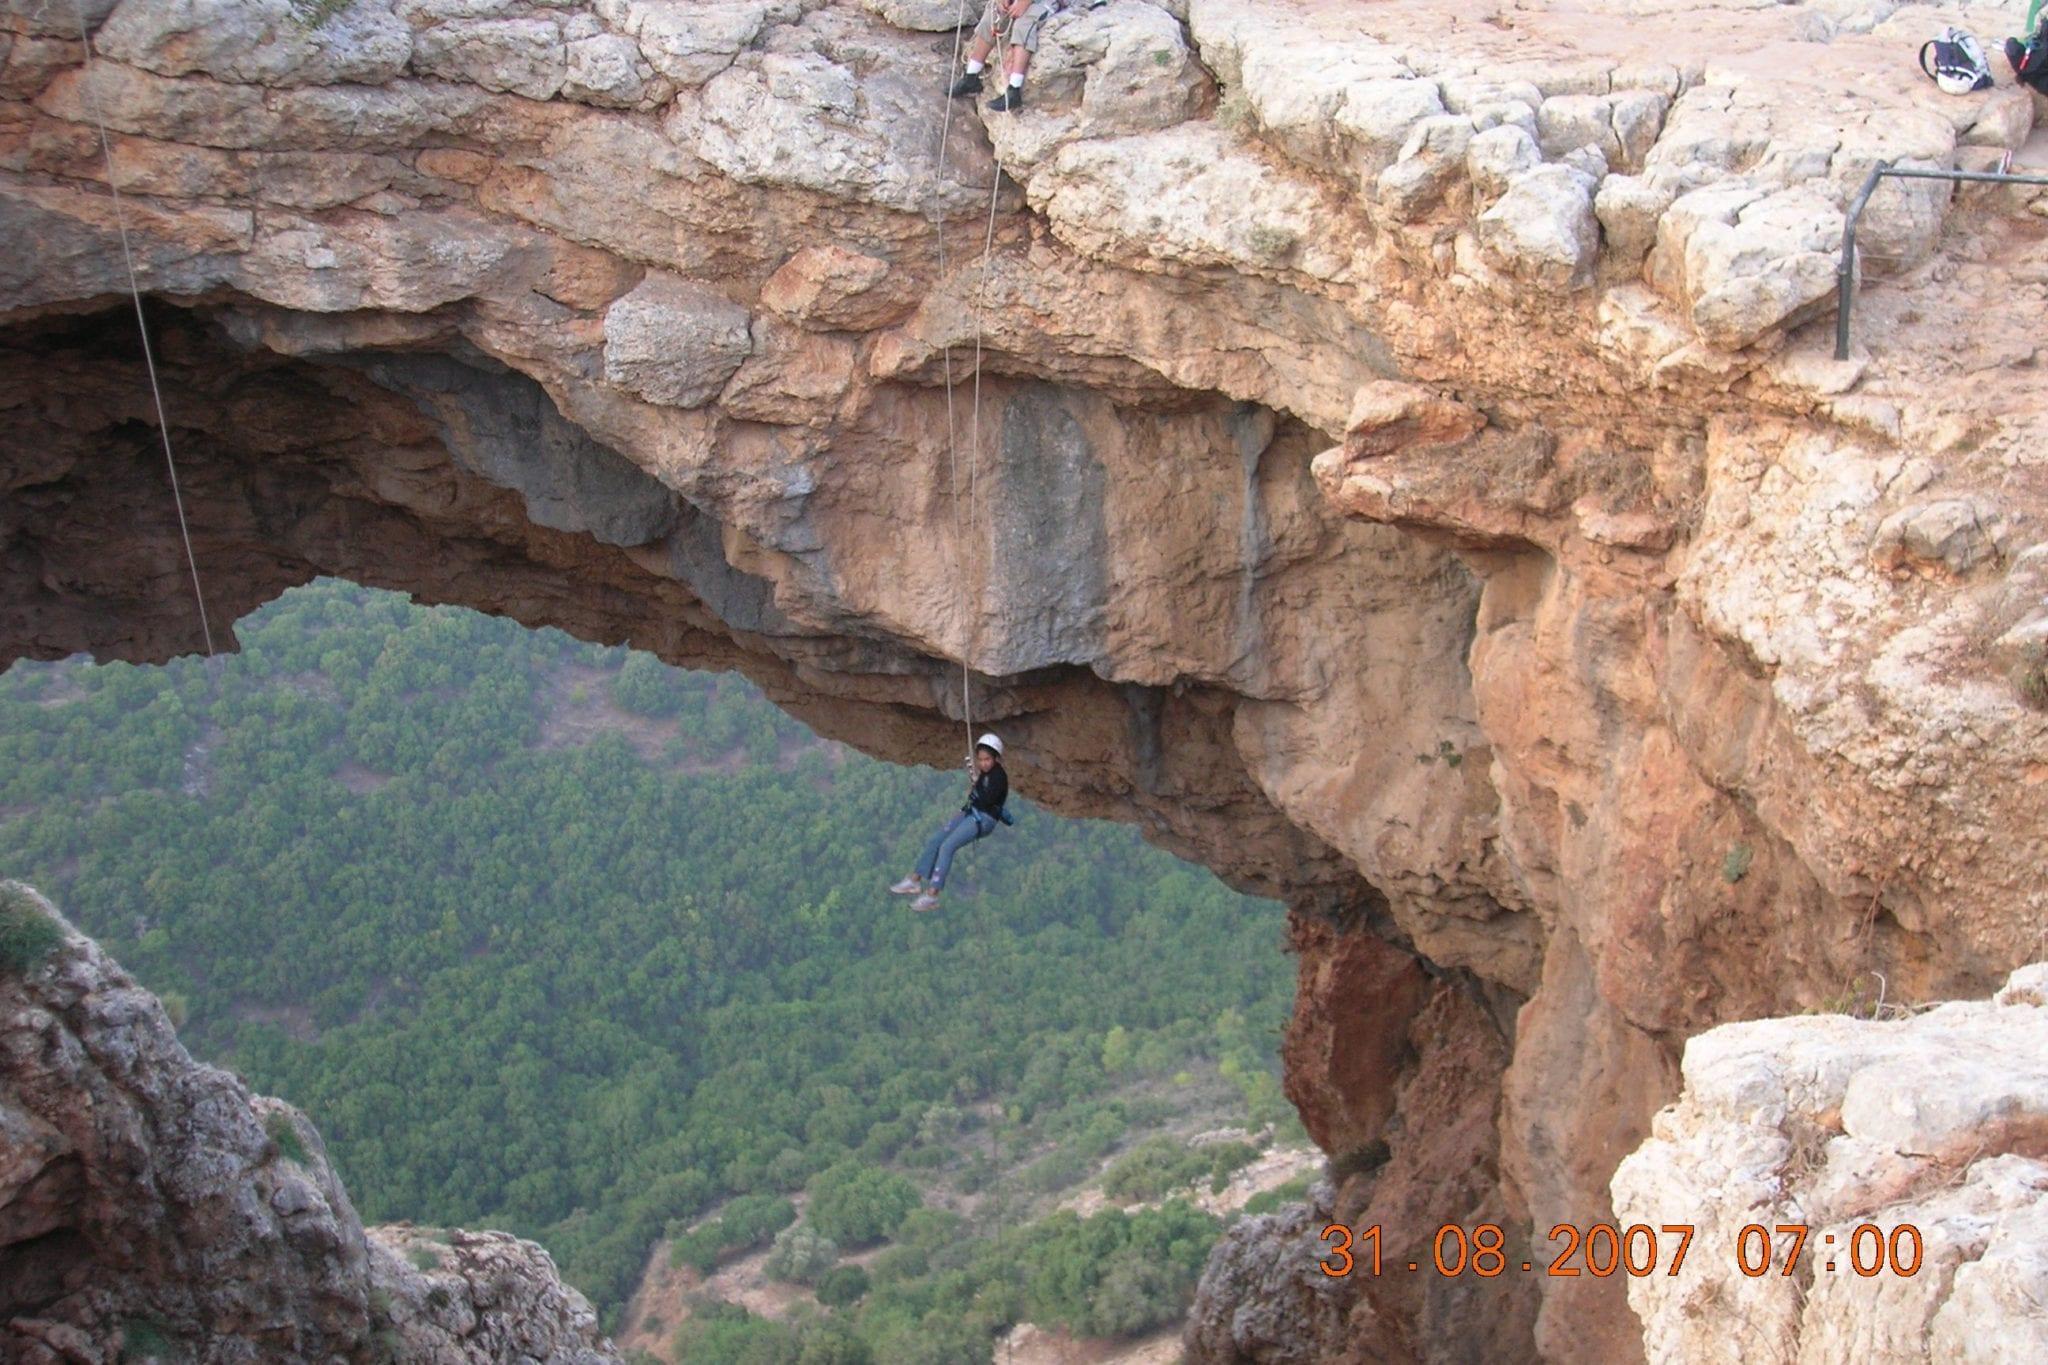 סנפלינג במערה בצפון ערוצים בטבע